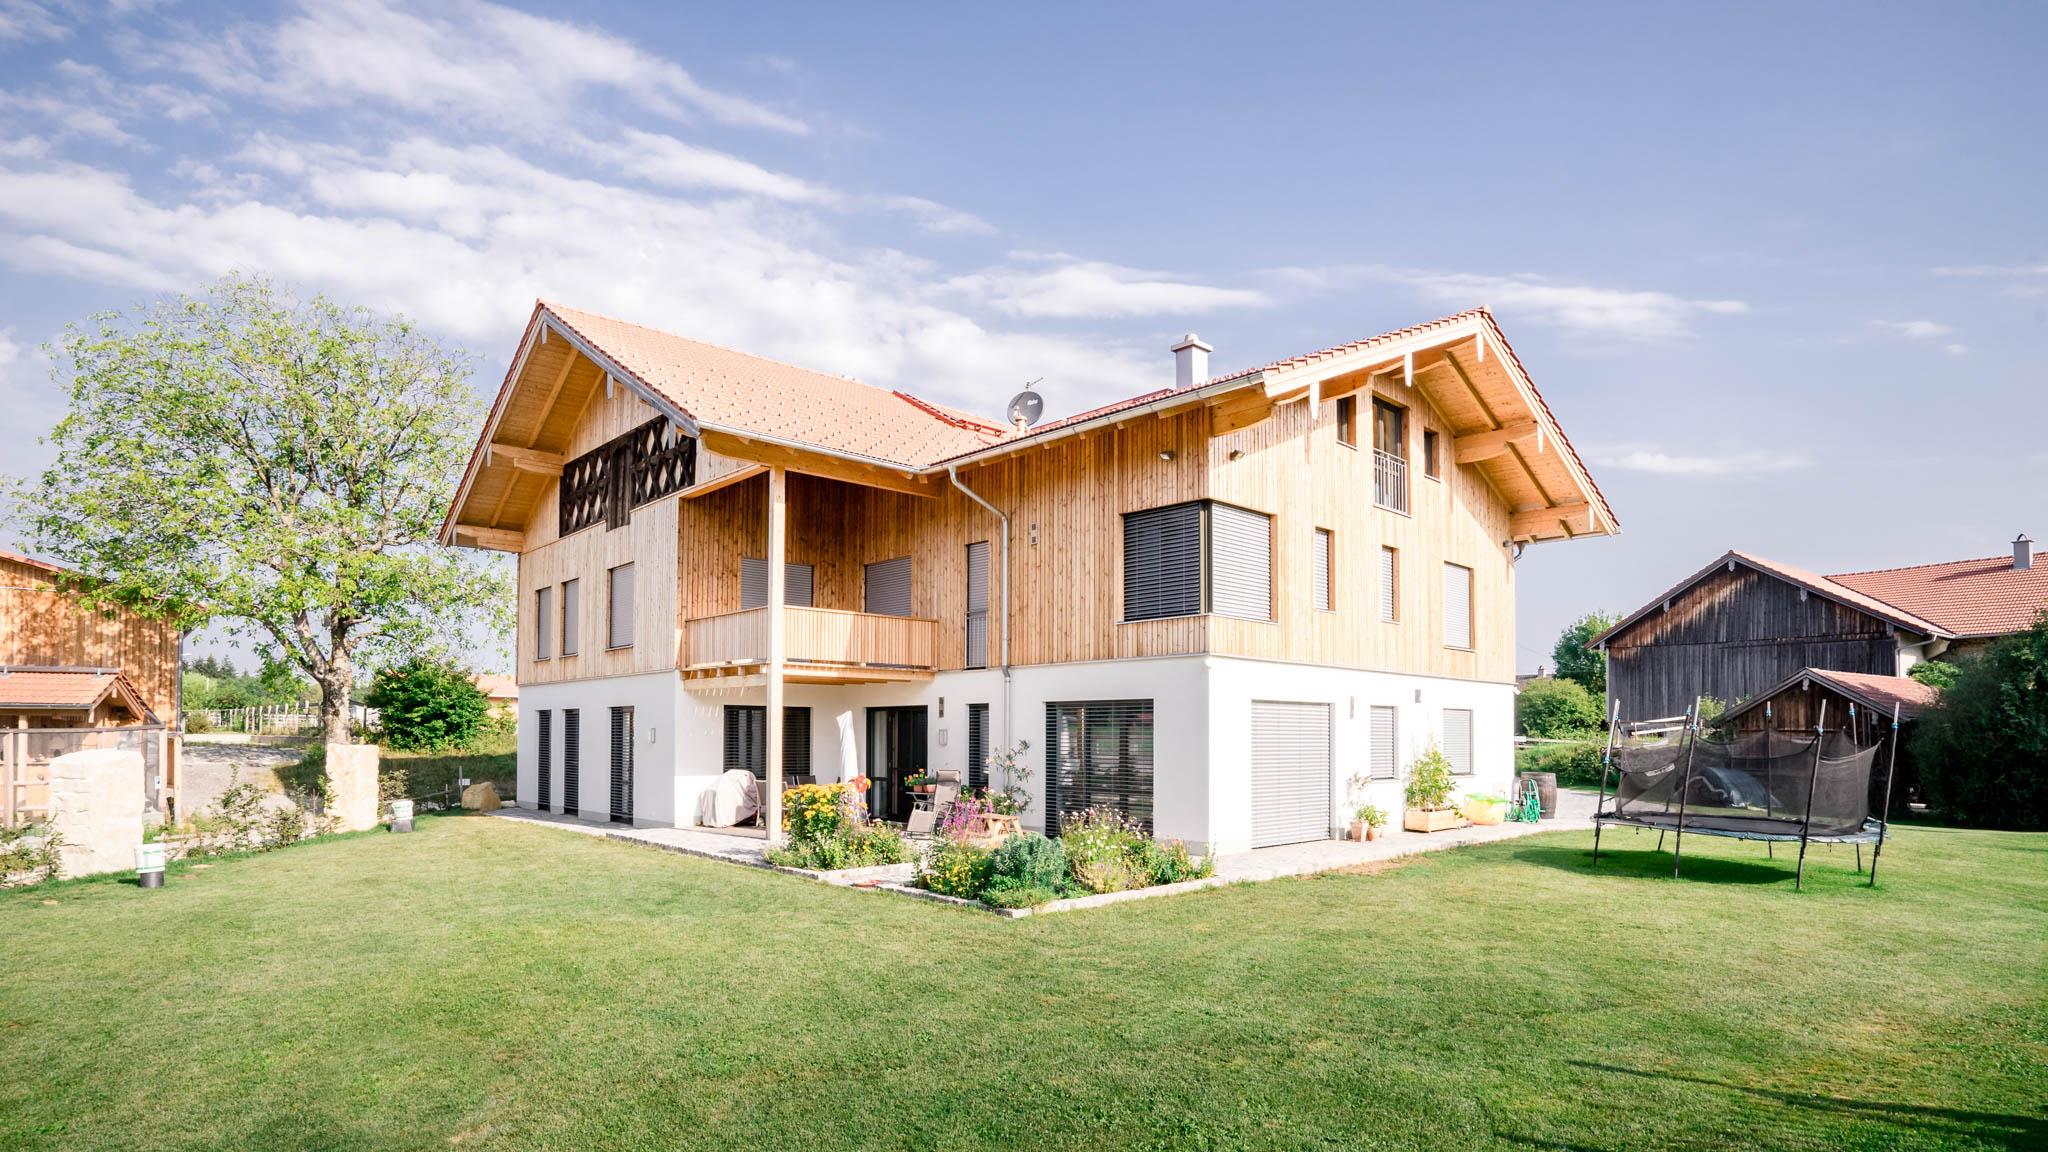 portfolio-bauunternehmen-fuch-andbau-landwirtschaftliches-wohnhaus-teisendorf-1.jpg